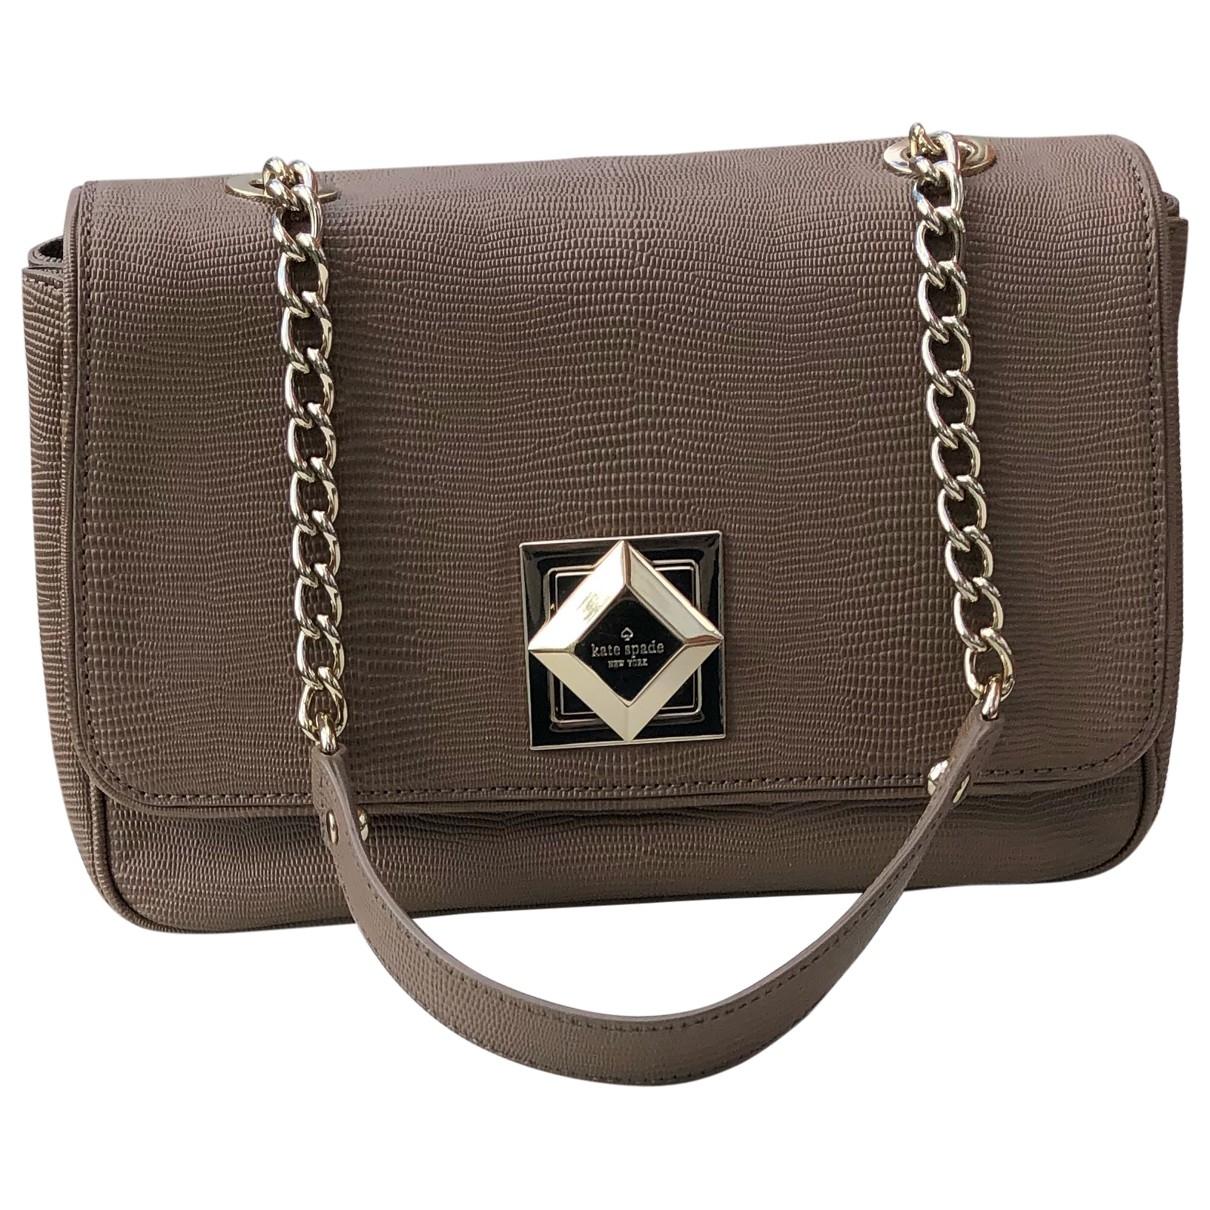 Kate Spade \N Brown Leather handbag for Women \N